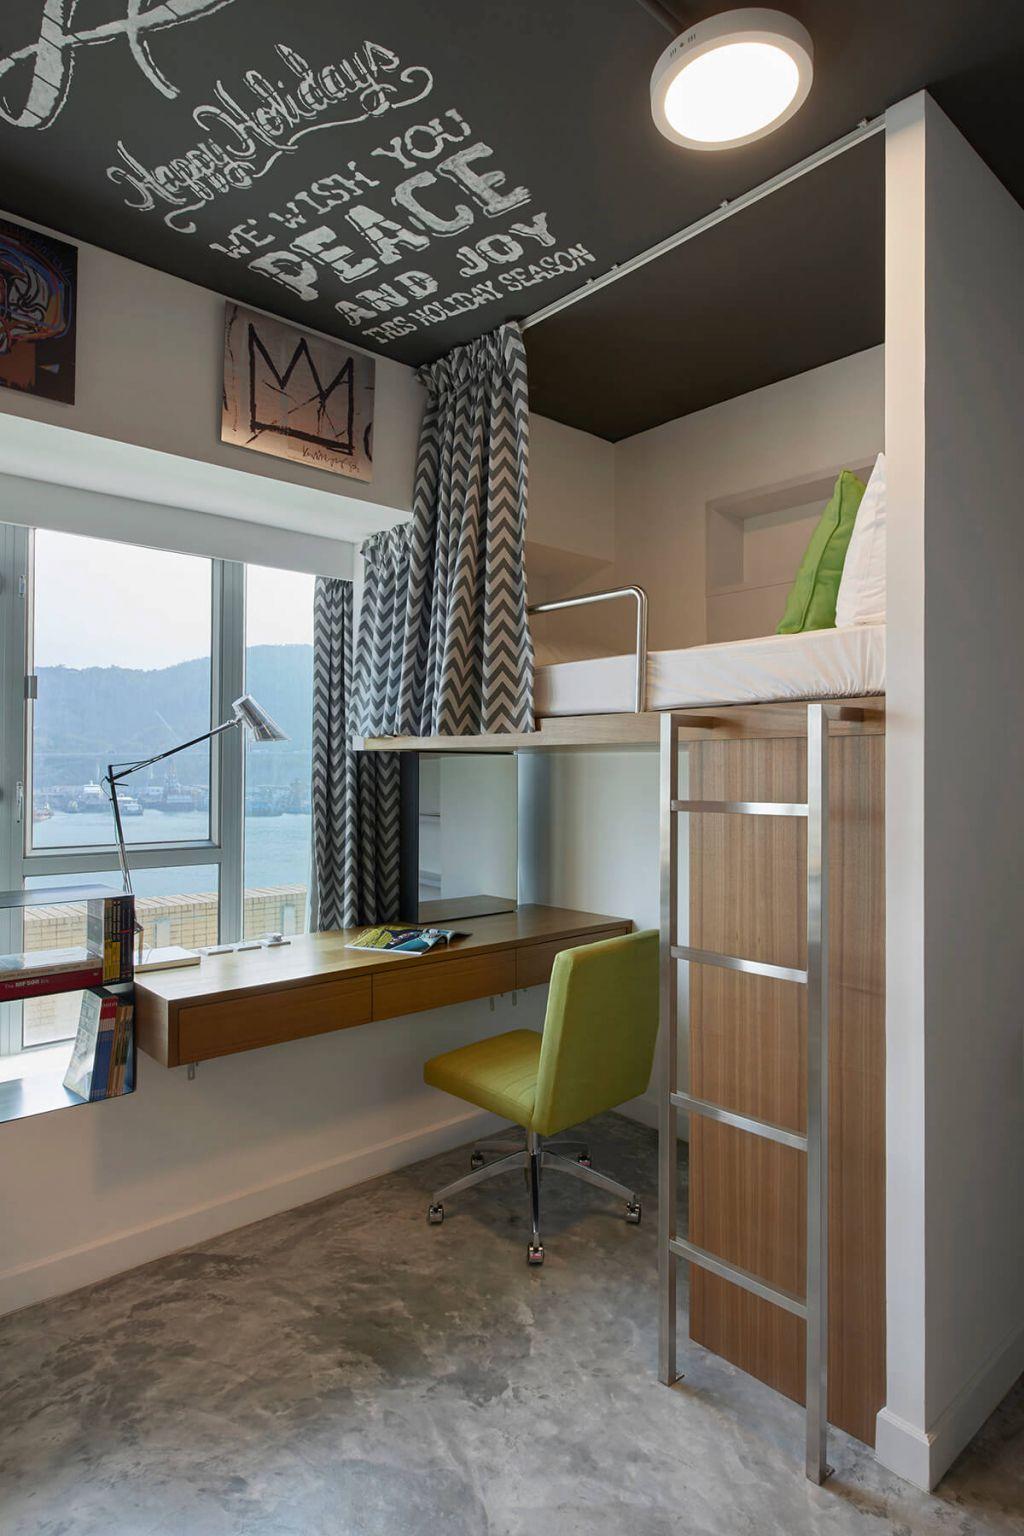 Apartment Design, Apartment Interior Design, Boys Room Decor